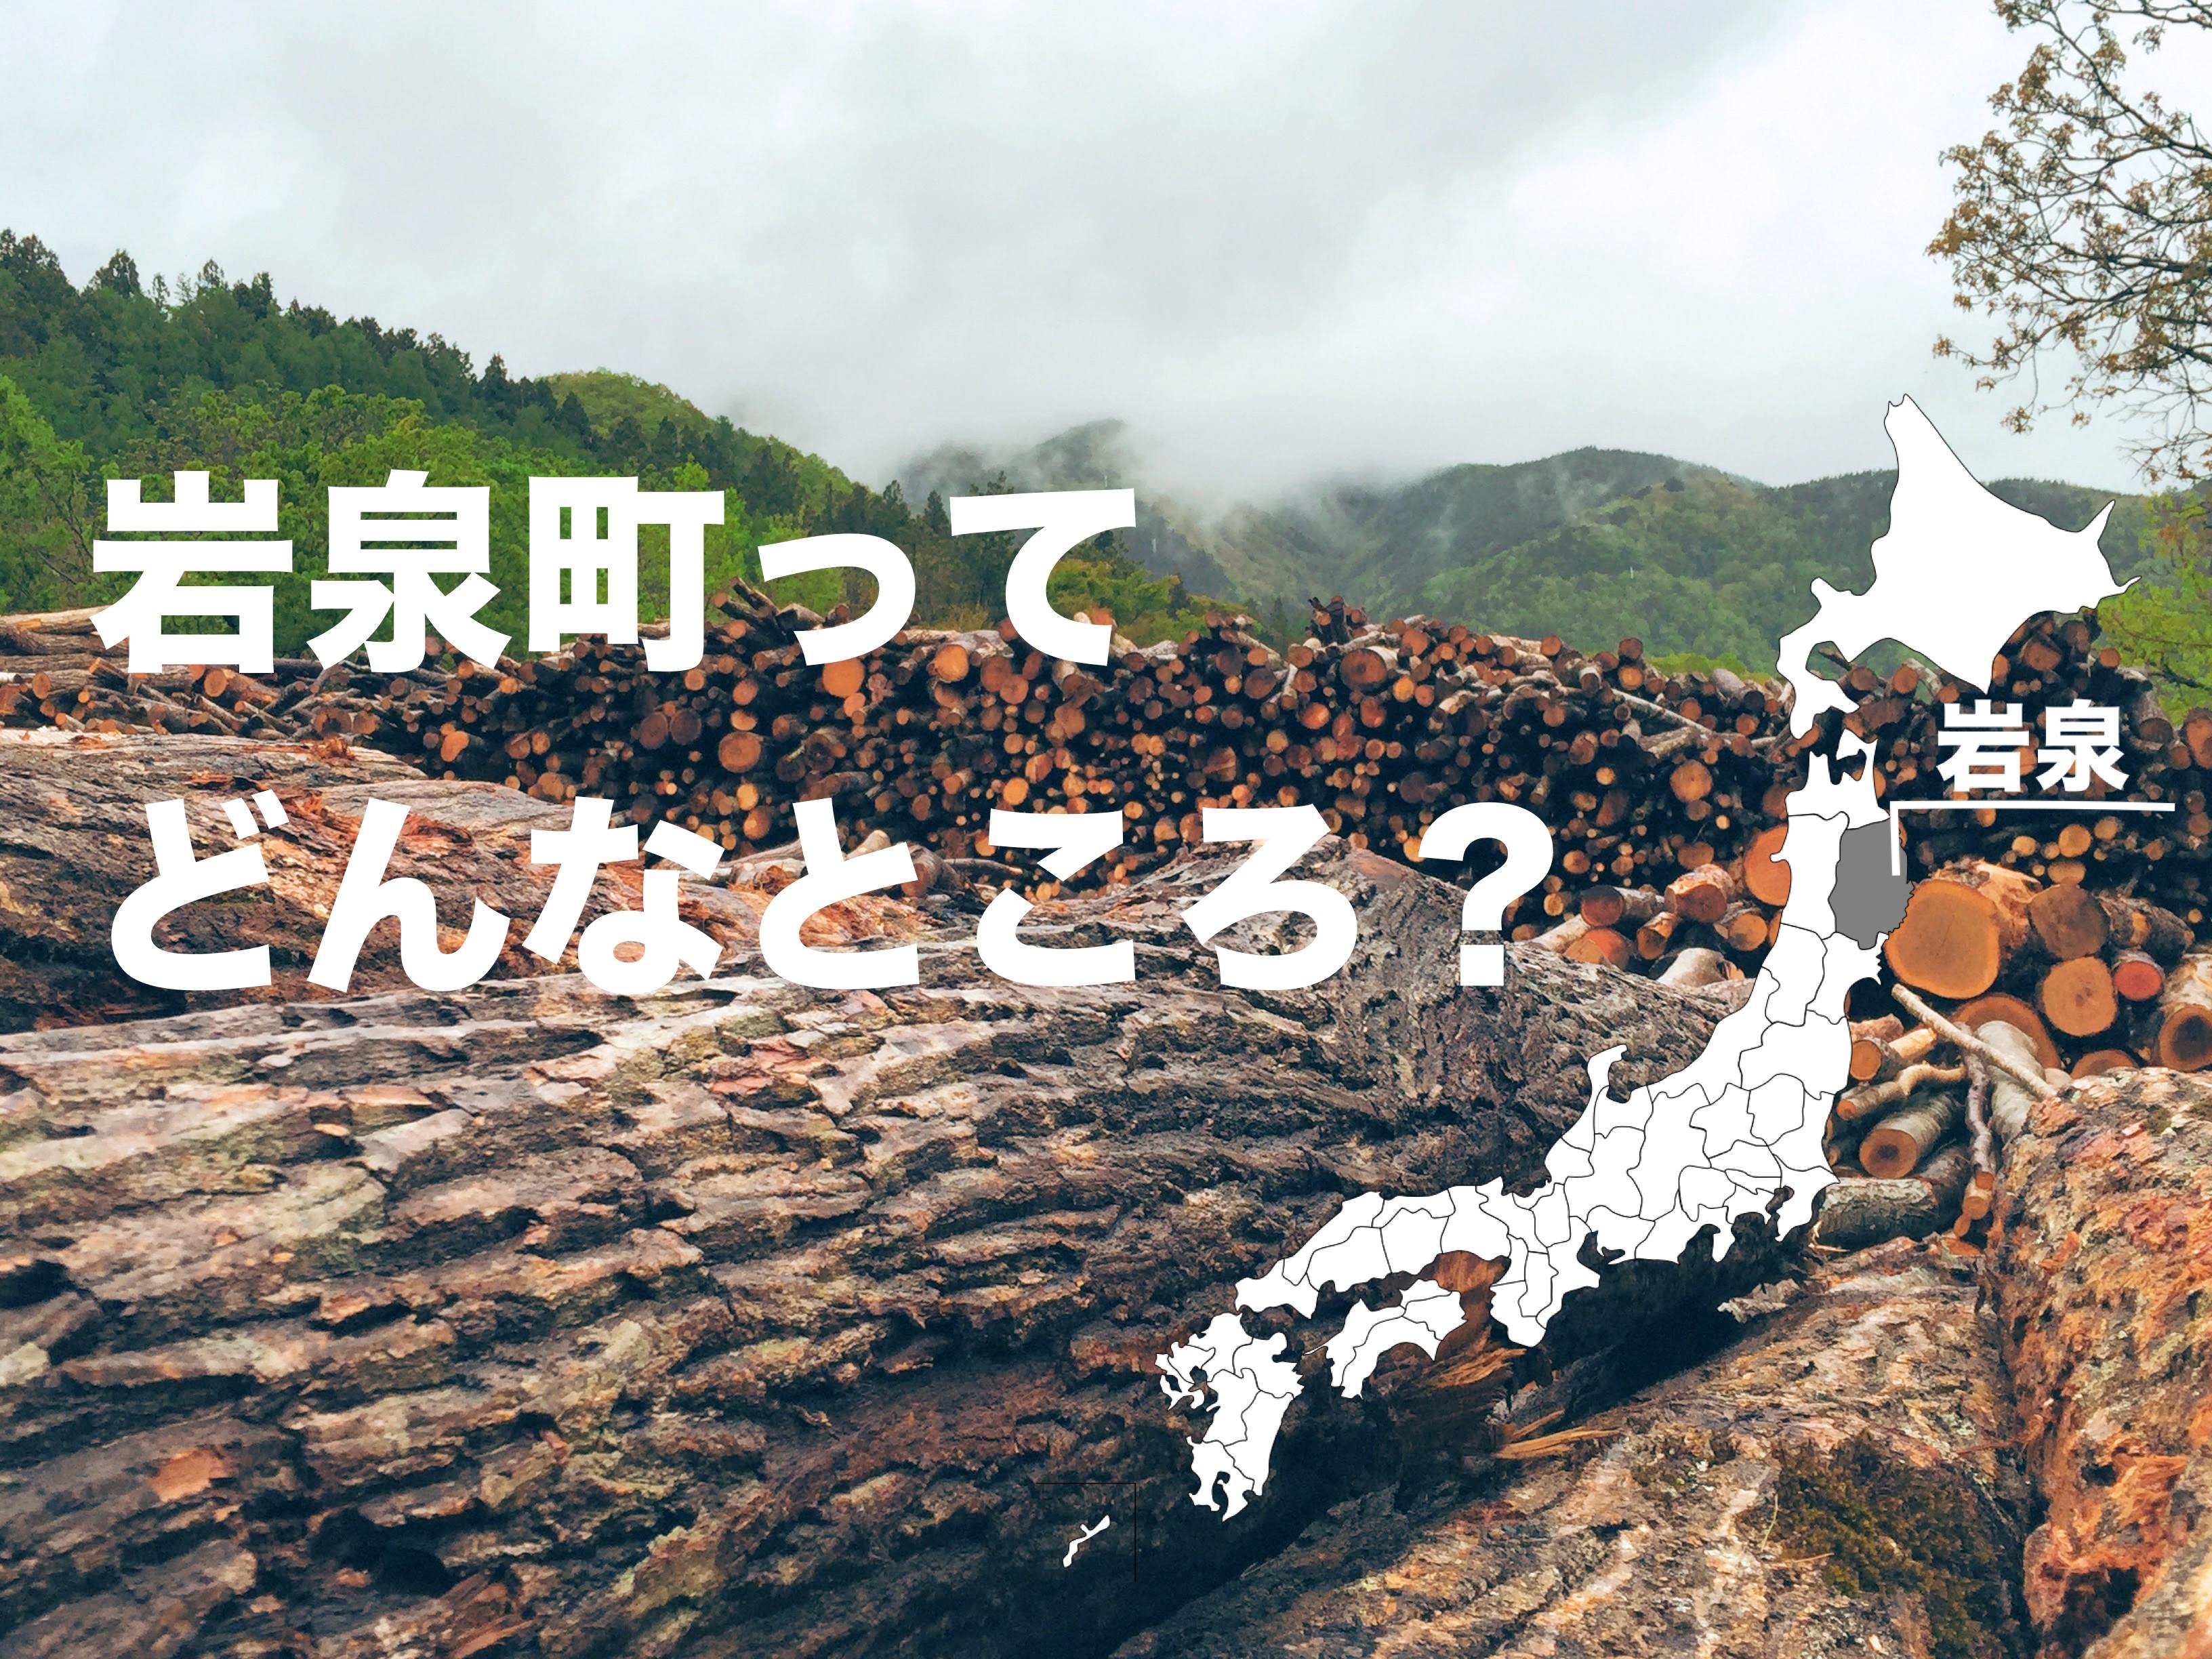 【岩泉町特集】観光名所や主要産業まで岩泉町のみどころを解説。